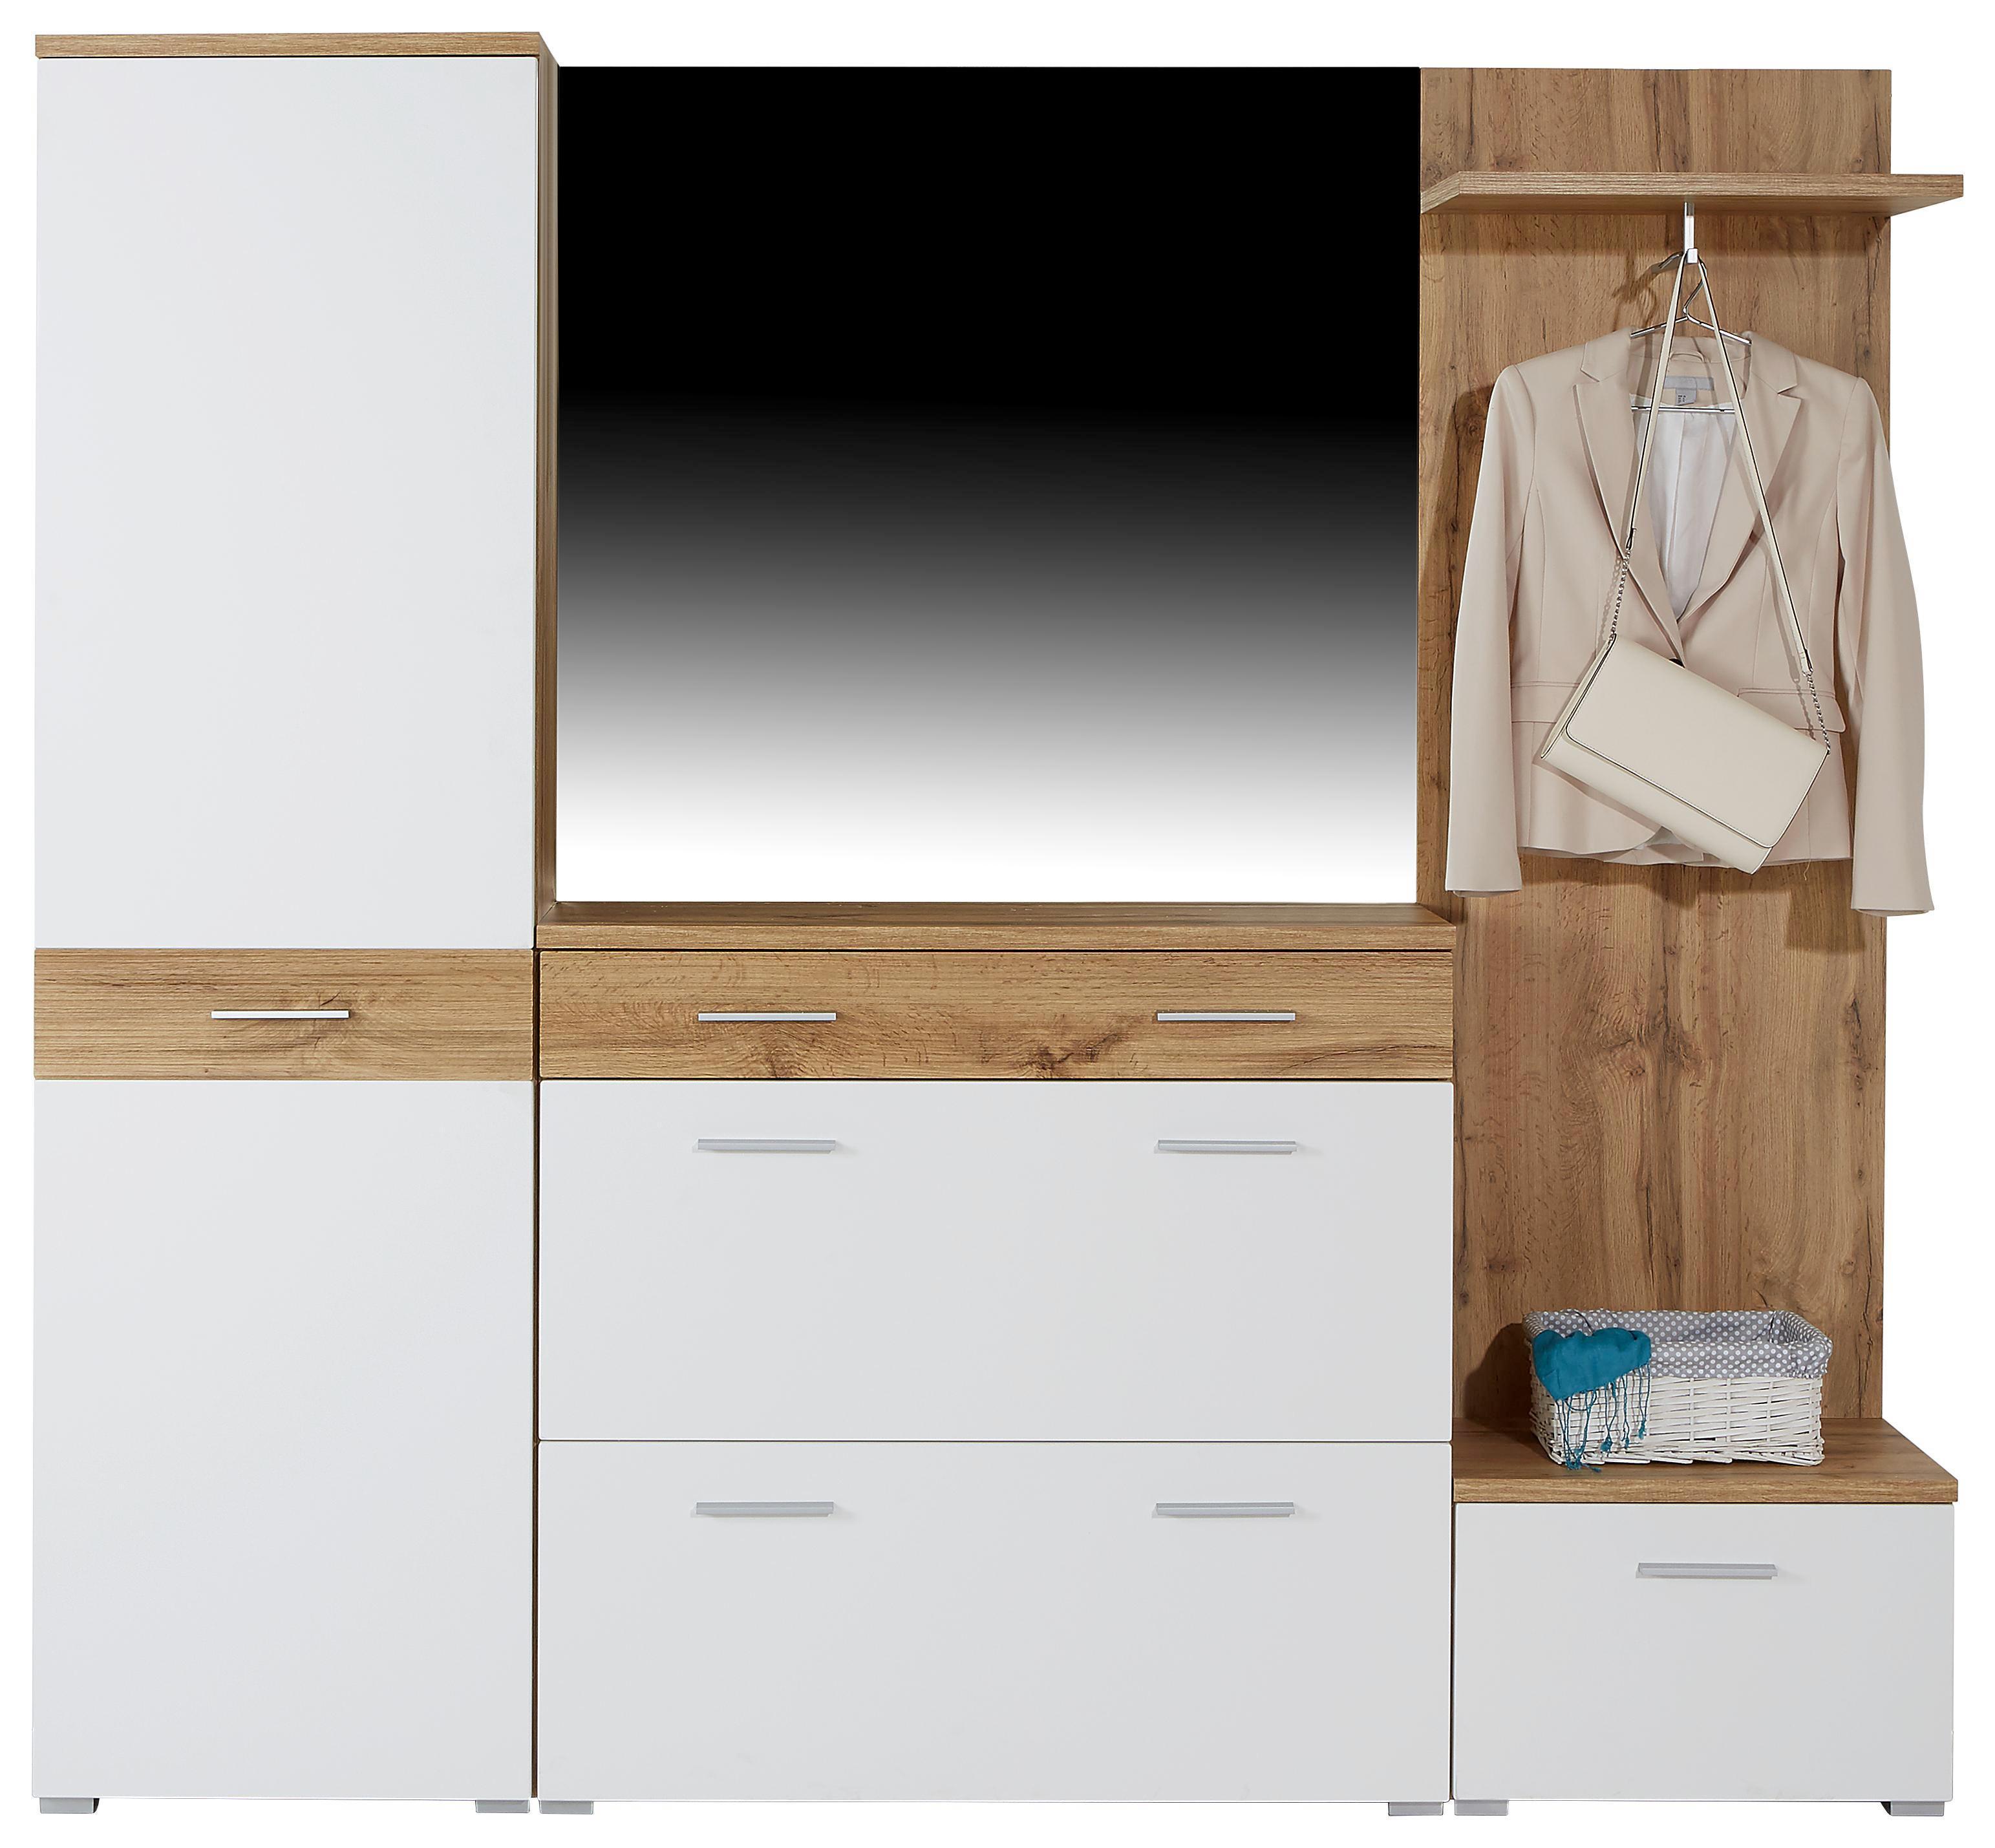 Šatní Skříň Space New - bílá/barvy dubu, Moderní, dřevěný materiál (55/199/35cm)